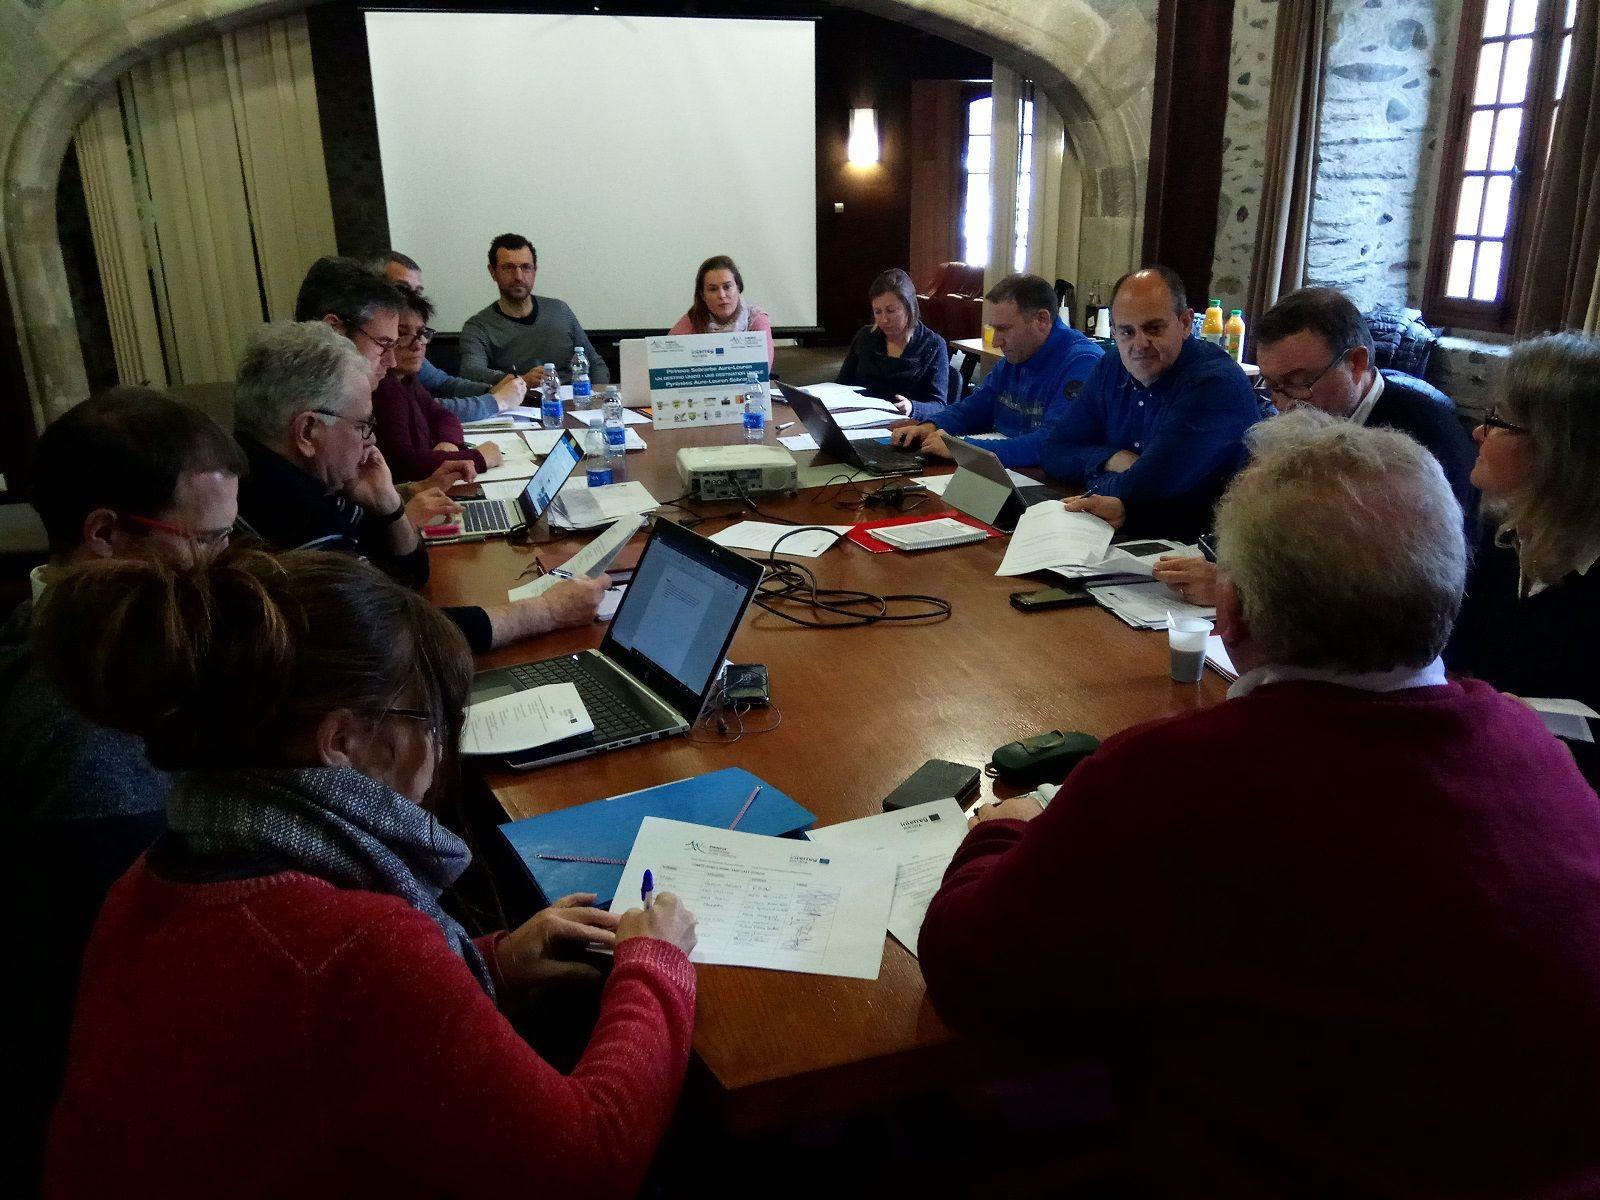 Imagen de la reunión del grupo de trabajo. Foto: Zona Zero.